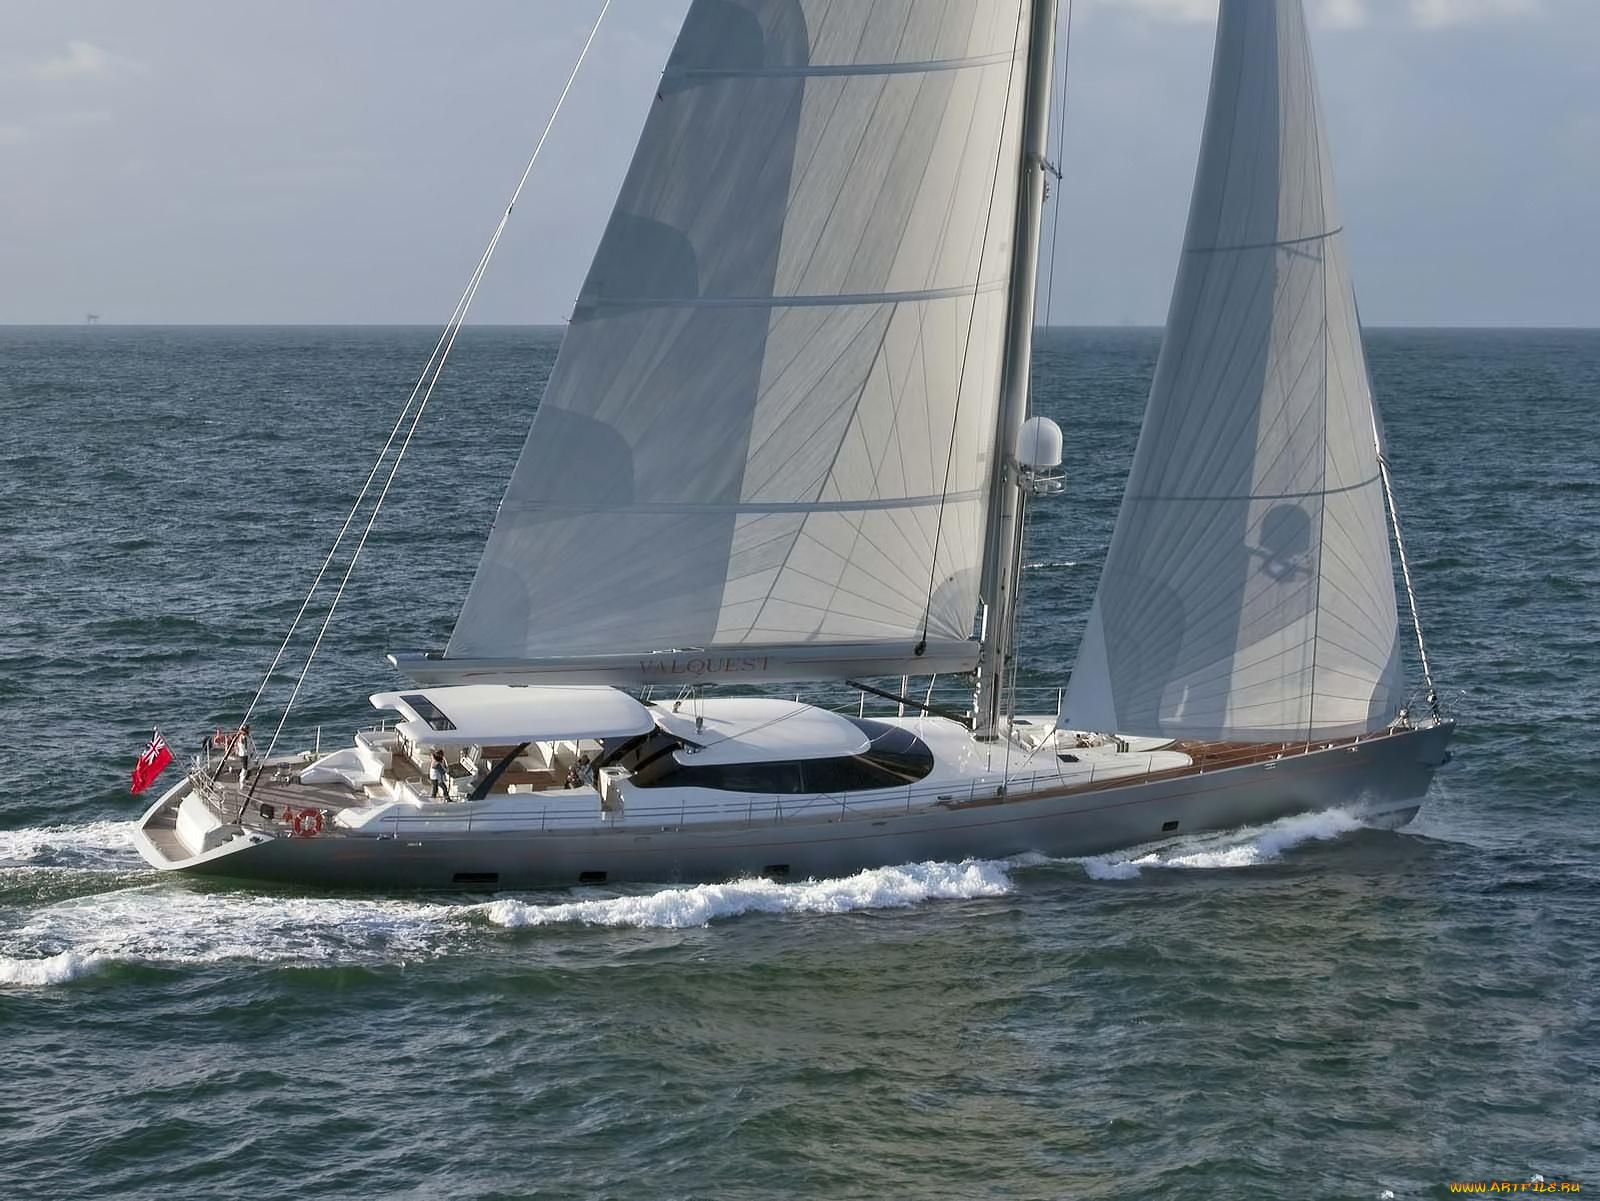 dutch coast yacht aragorn - HD1600×1201